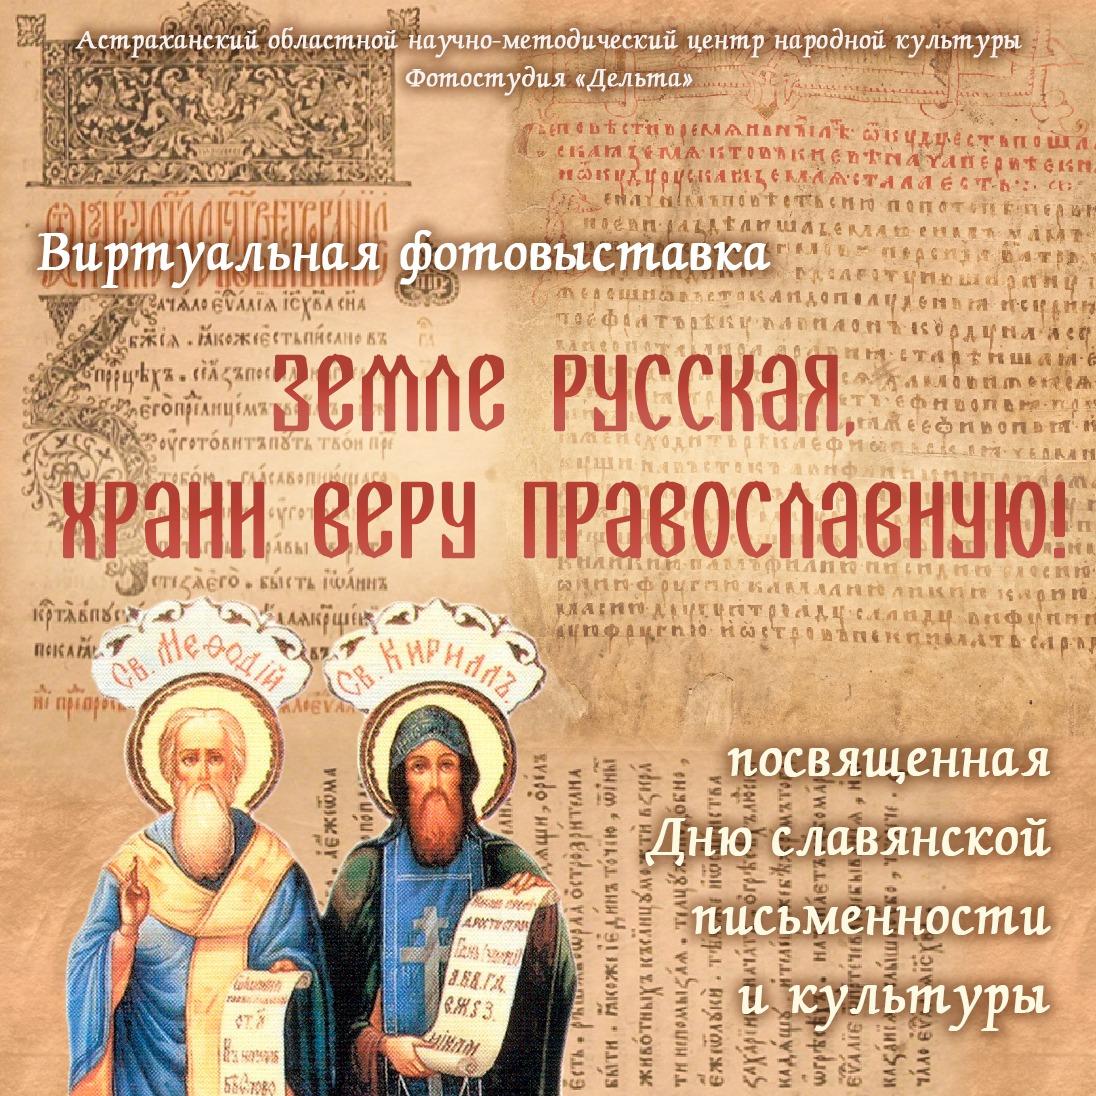 Ко дню славянской письменности открывается виртуальная фотовыставка